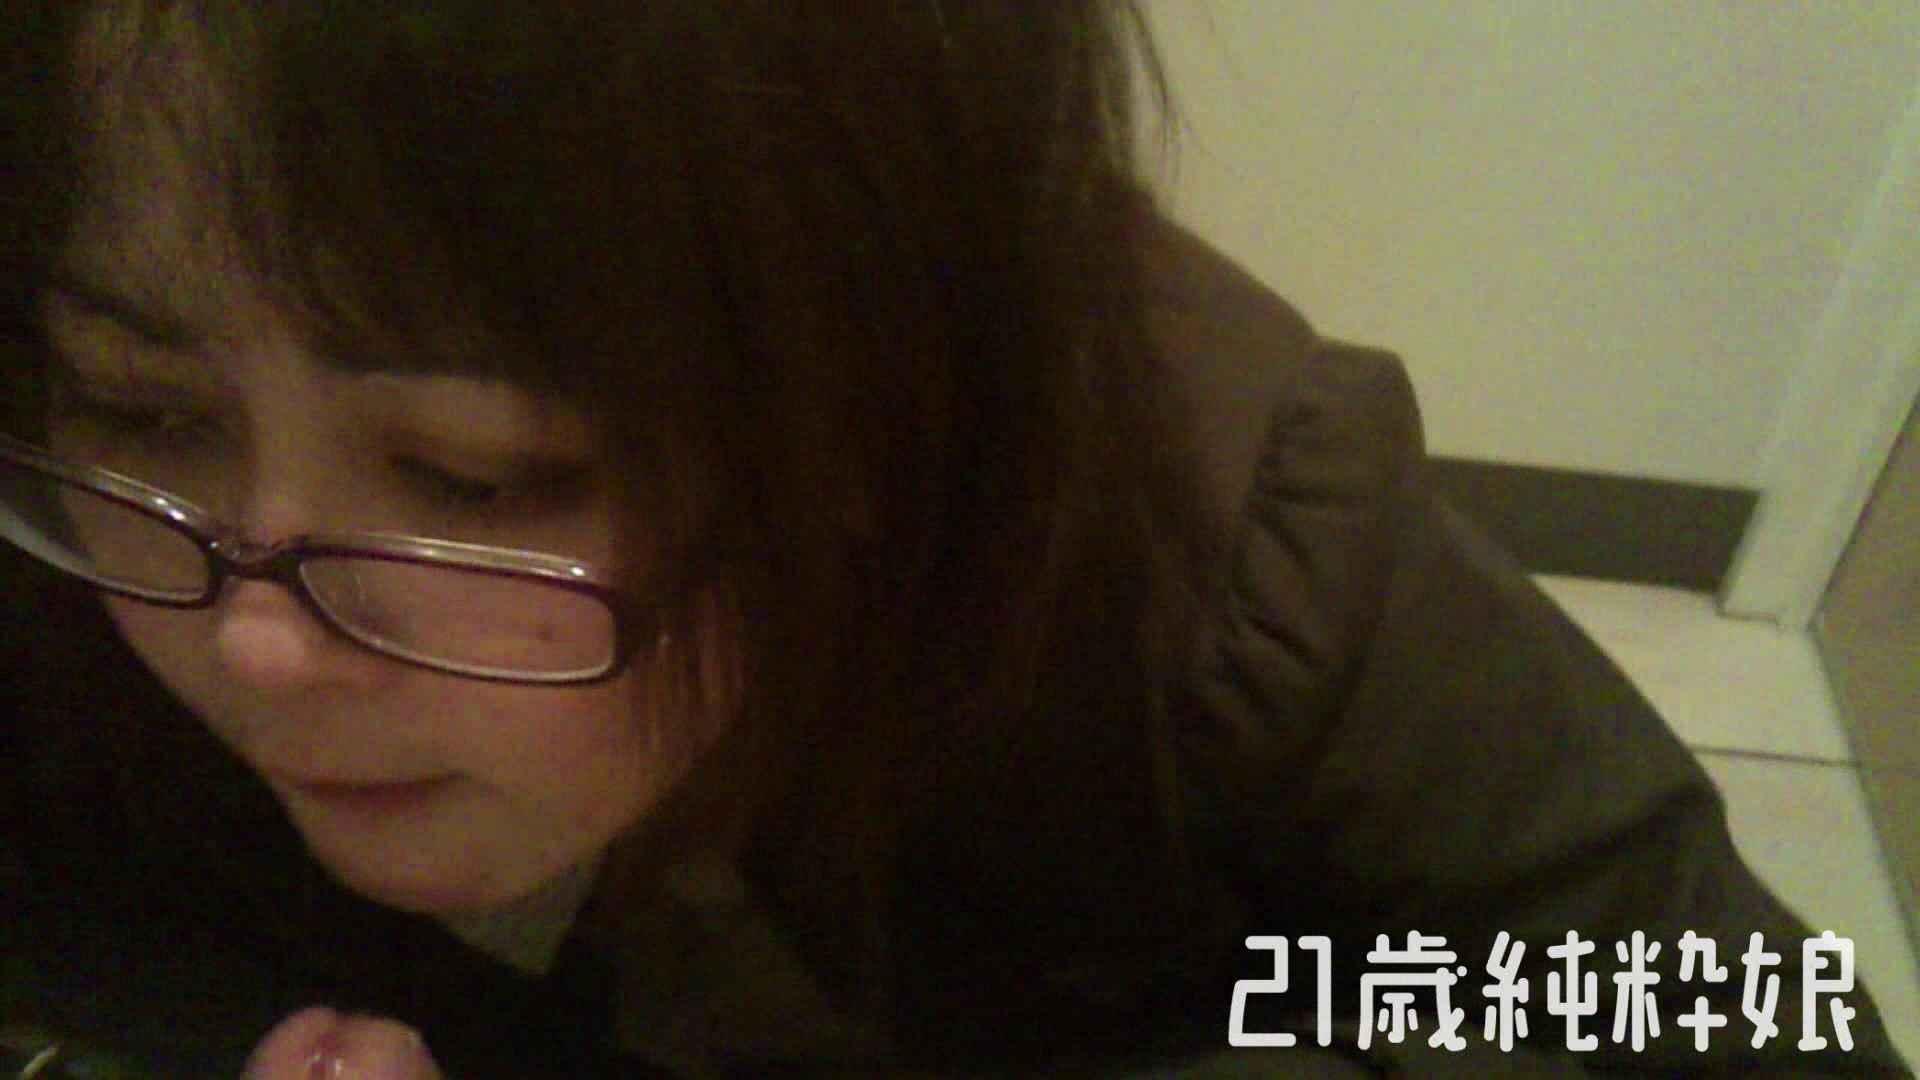 Gカップ21歳純粋嬢第2弾Vol.5 学校  108連発 72